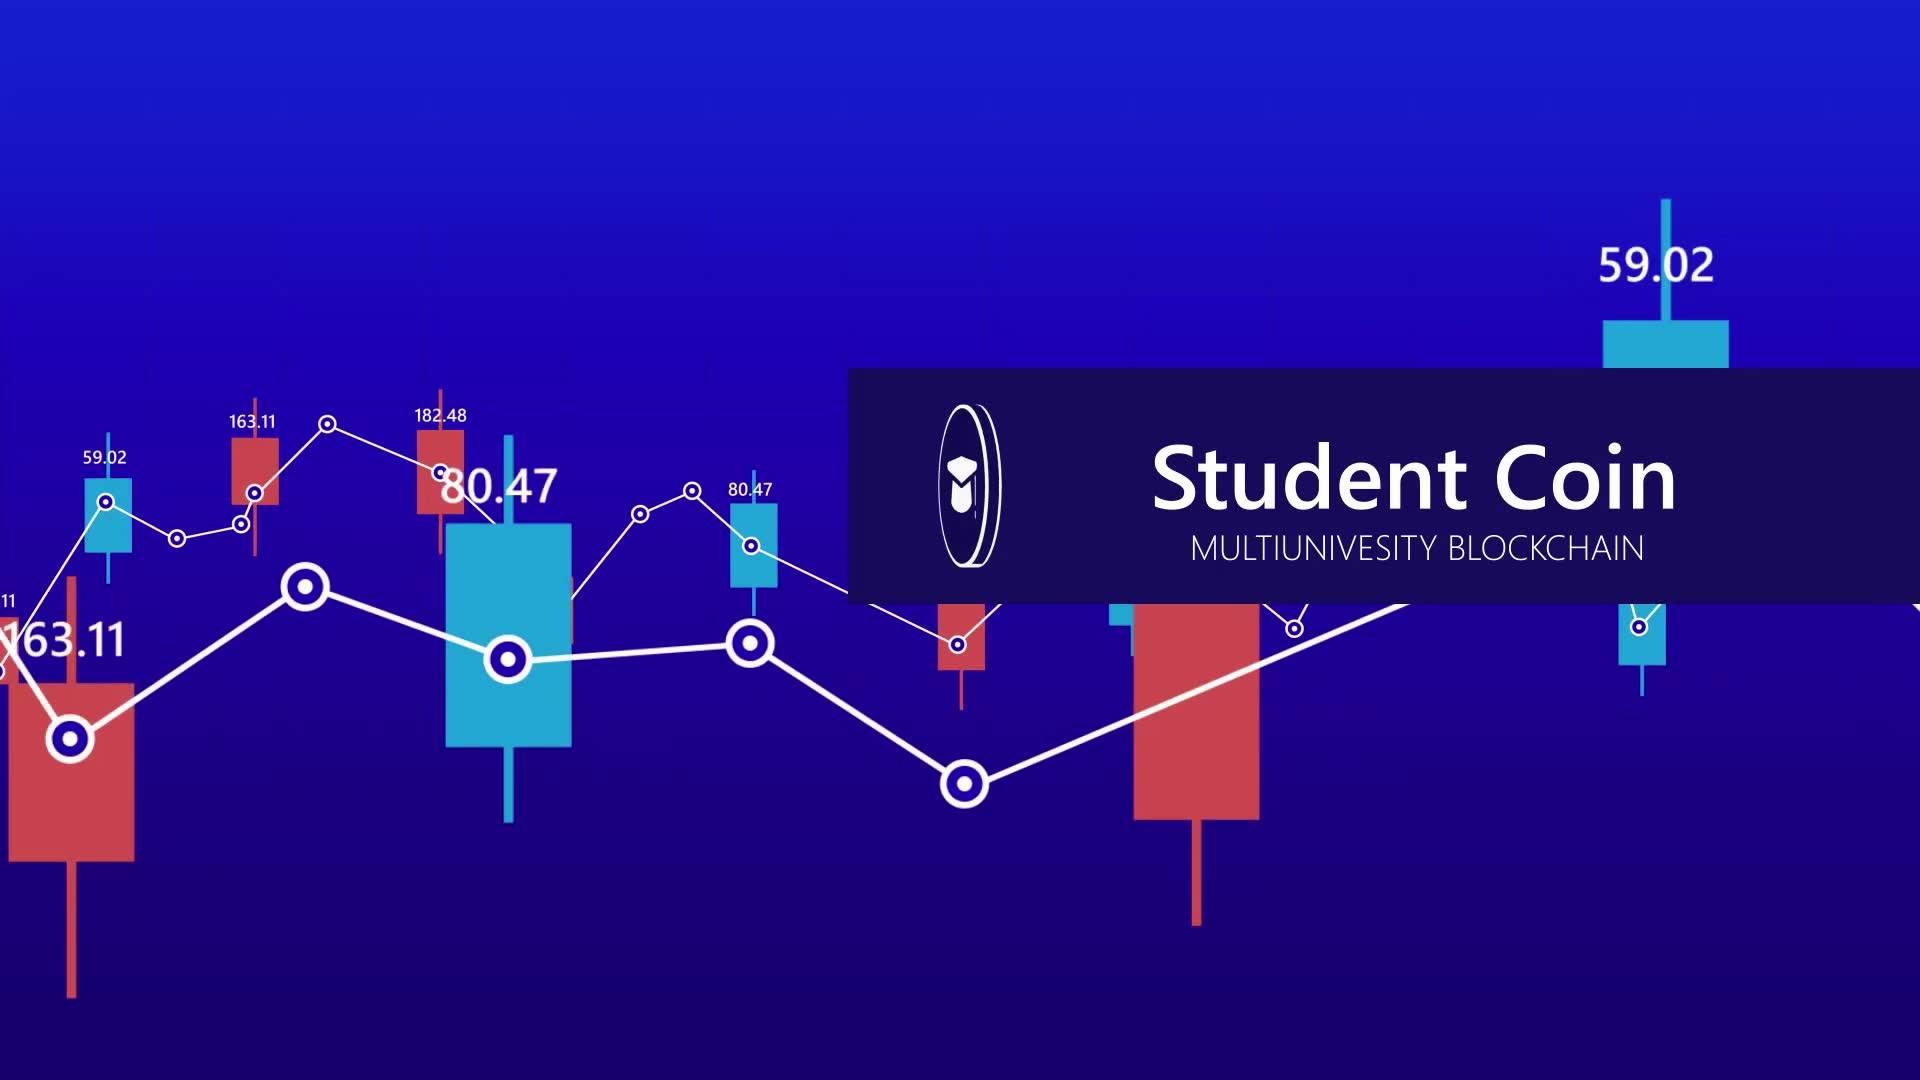 El Student Coin Launchpad ICO, solo unos días más para convertirse en parte de un ecosistema de blockchain impulsado por la academia